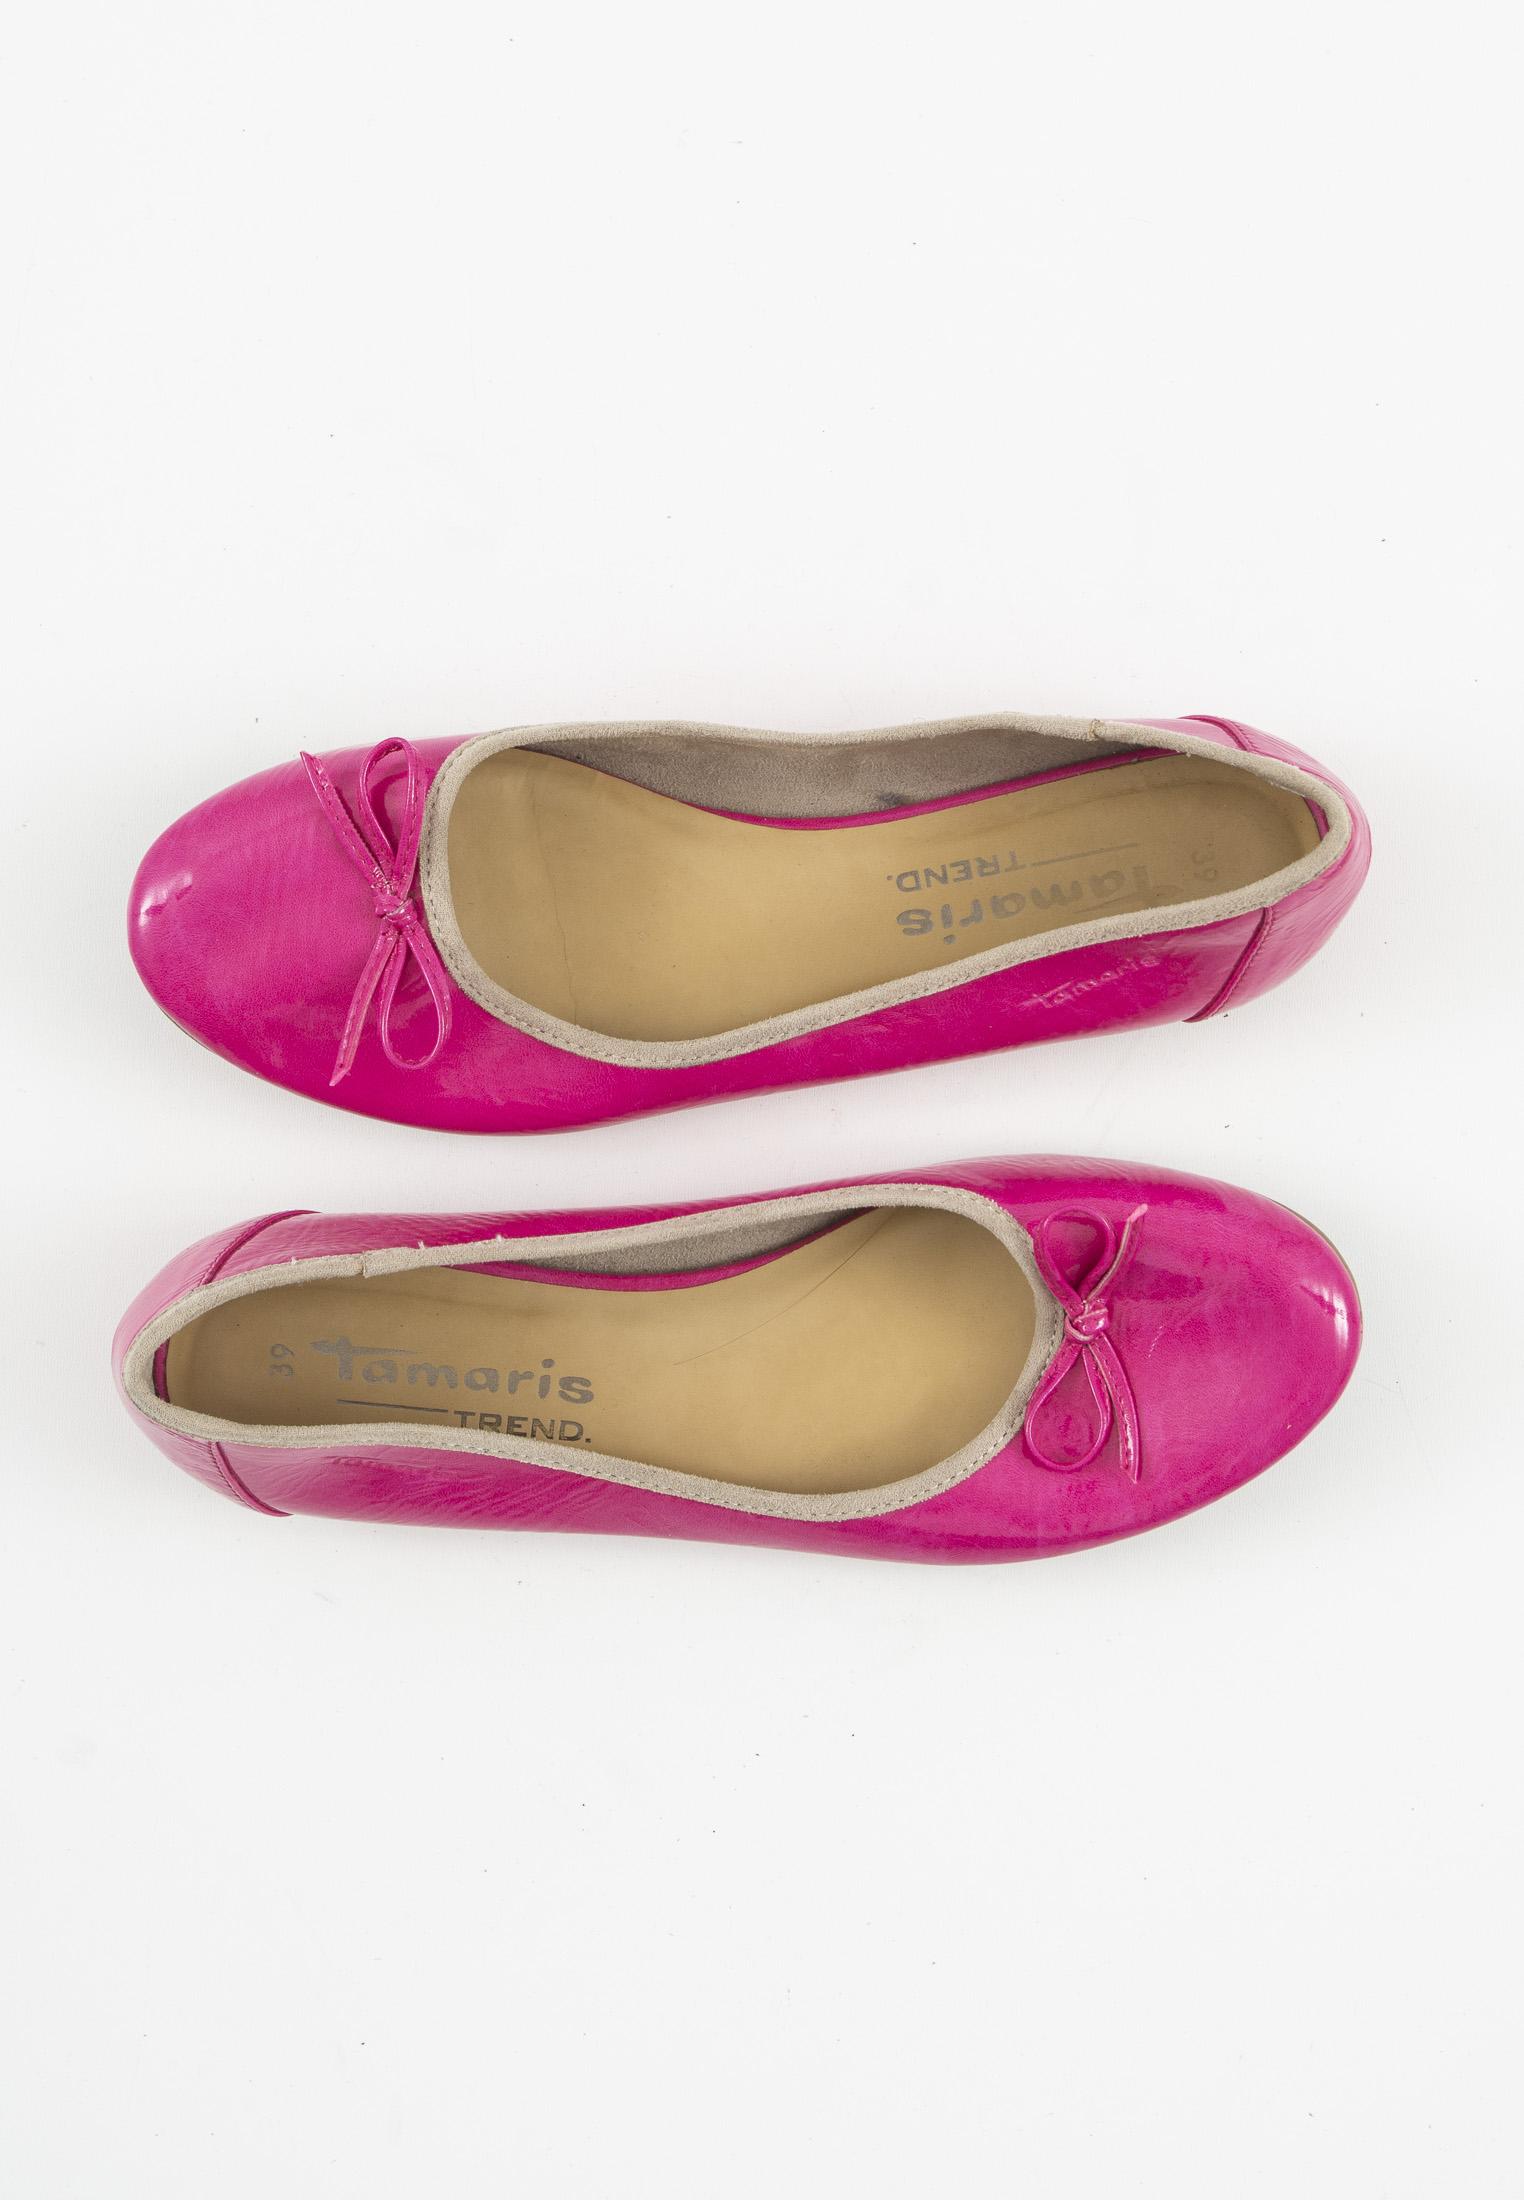 Tamaris Halbschuh / Ballerina Pink Gr.39